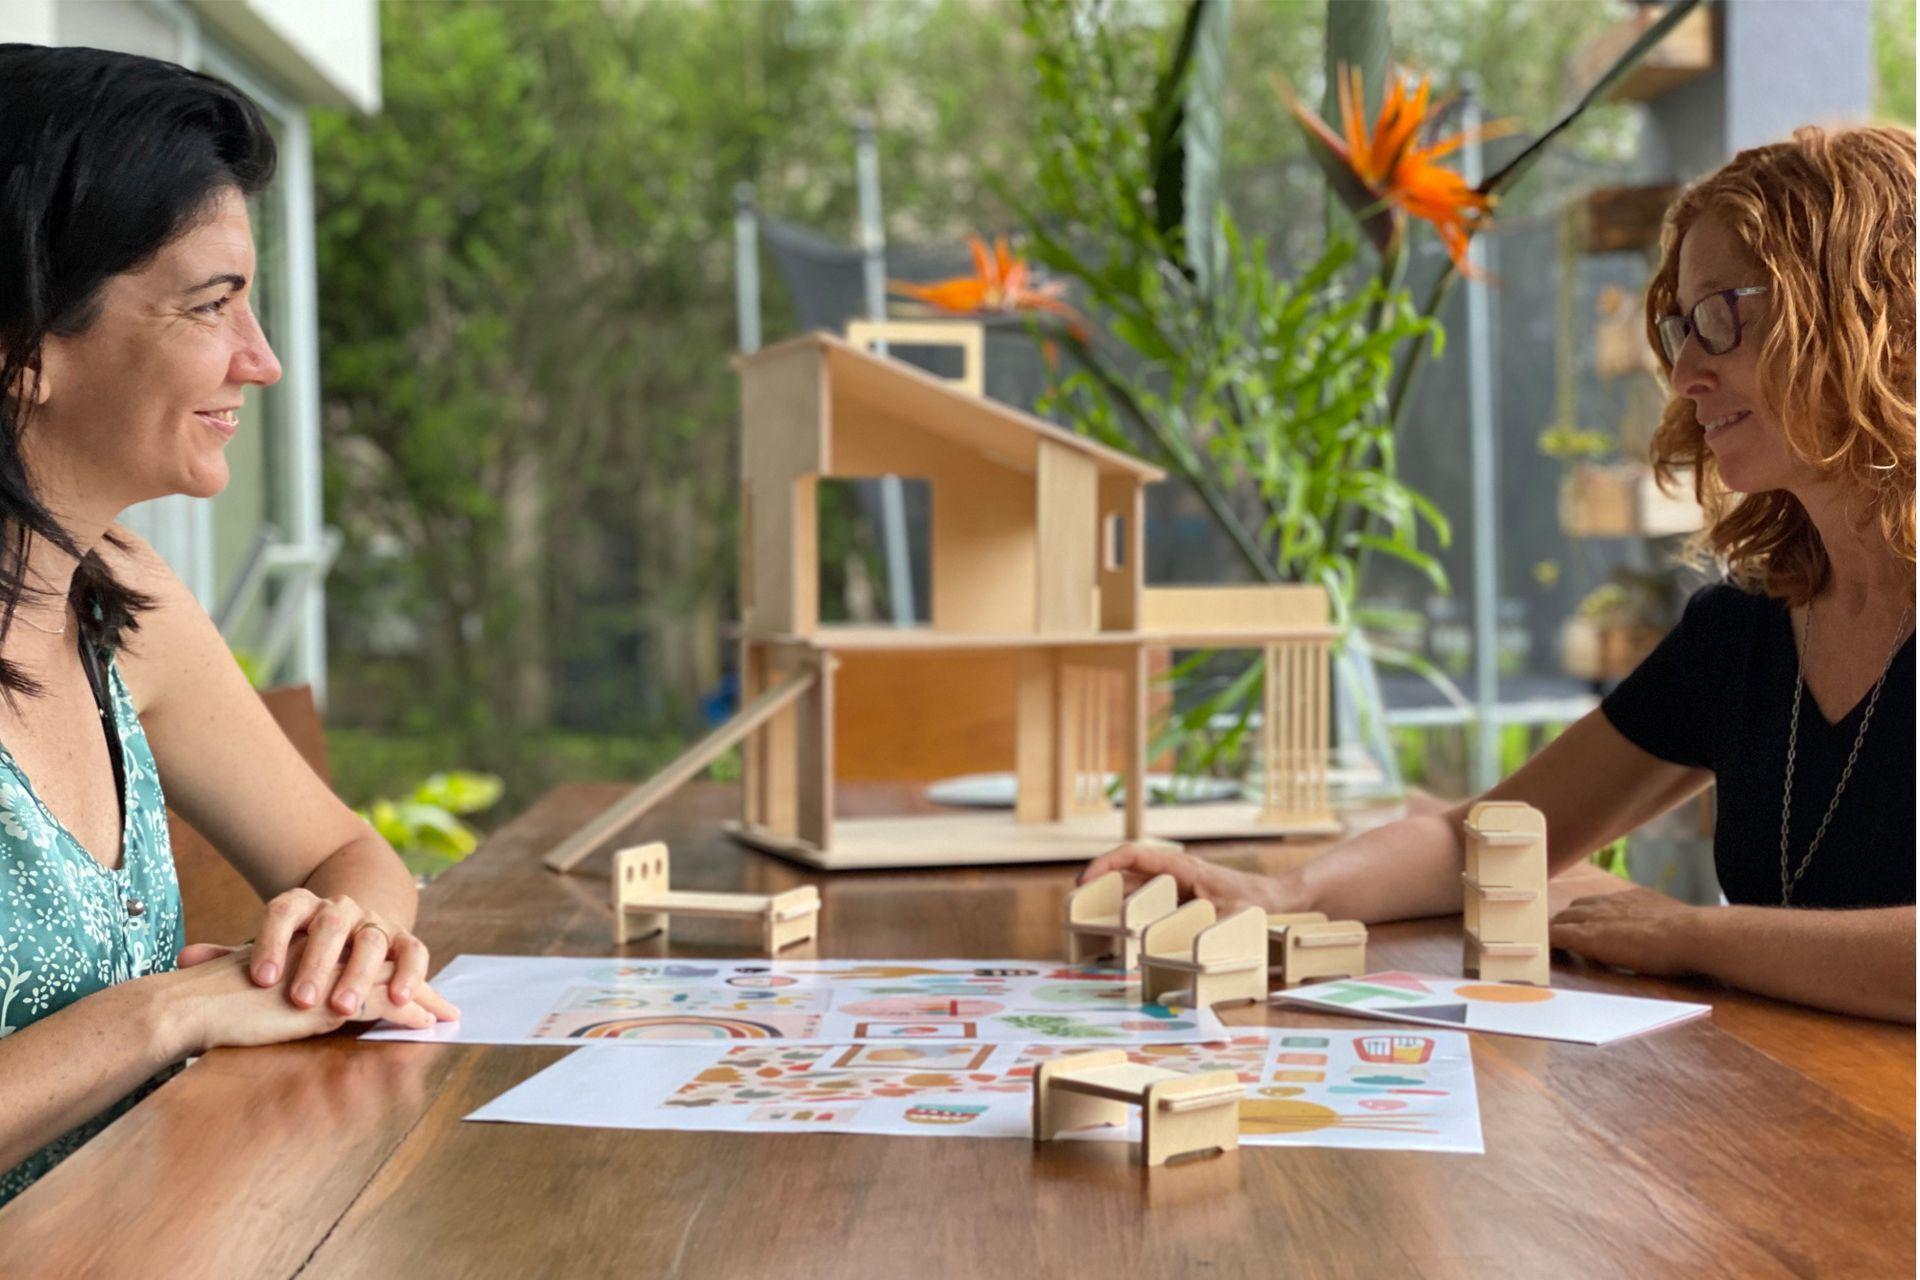 Vanina Janin y Jimena Soldo son amigas y socias en Kota, un emprendimiento que ofrece casitas de madera para jugar.